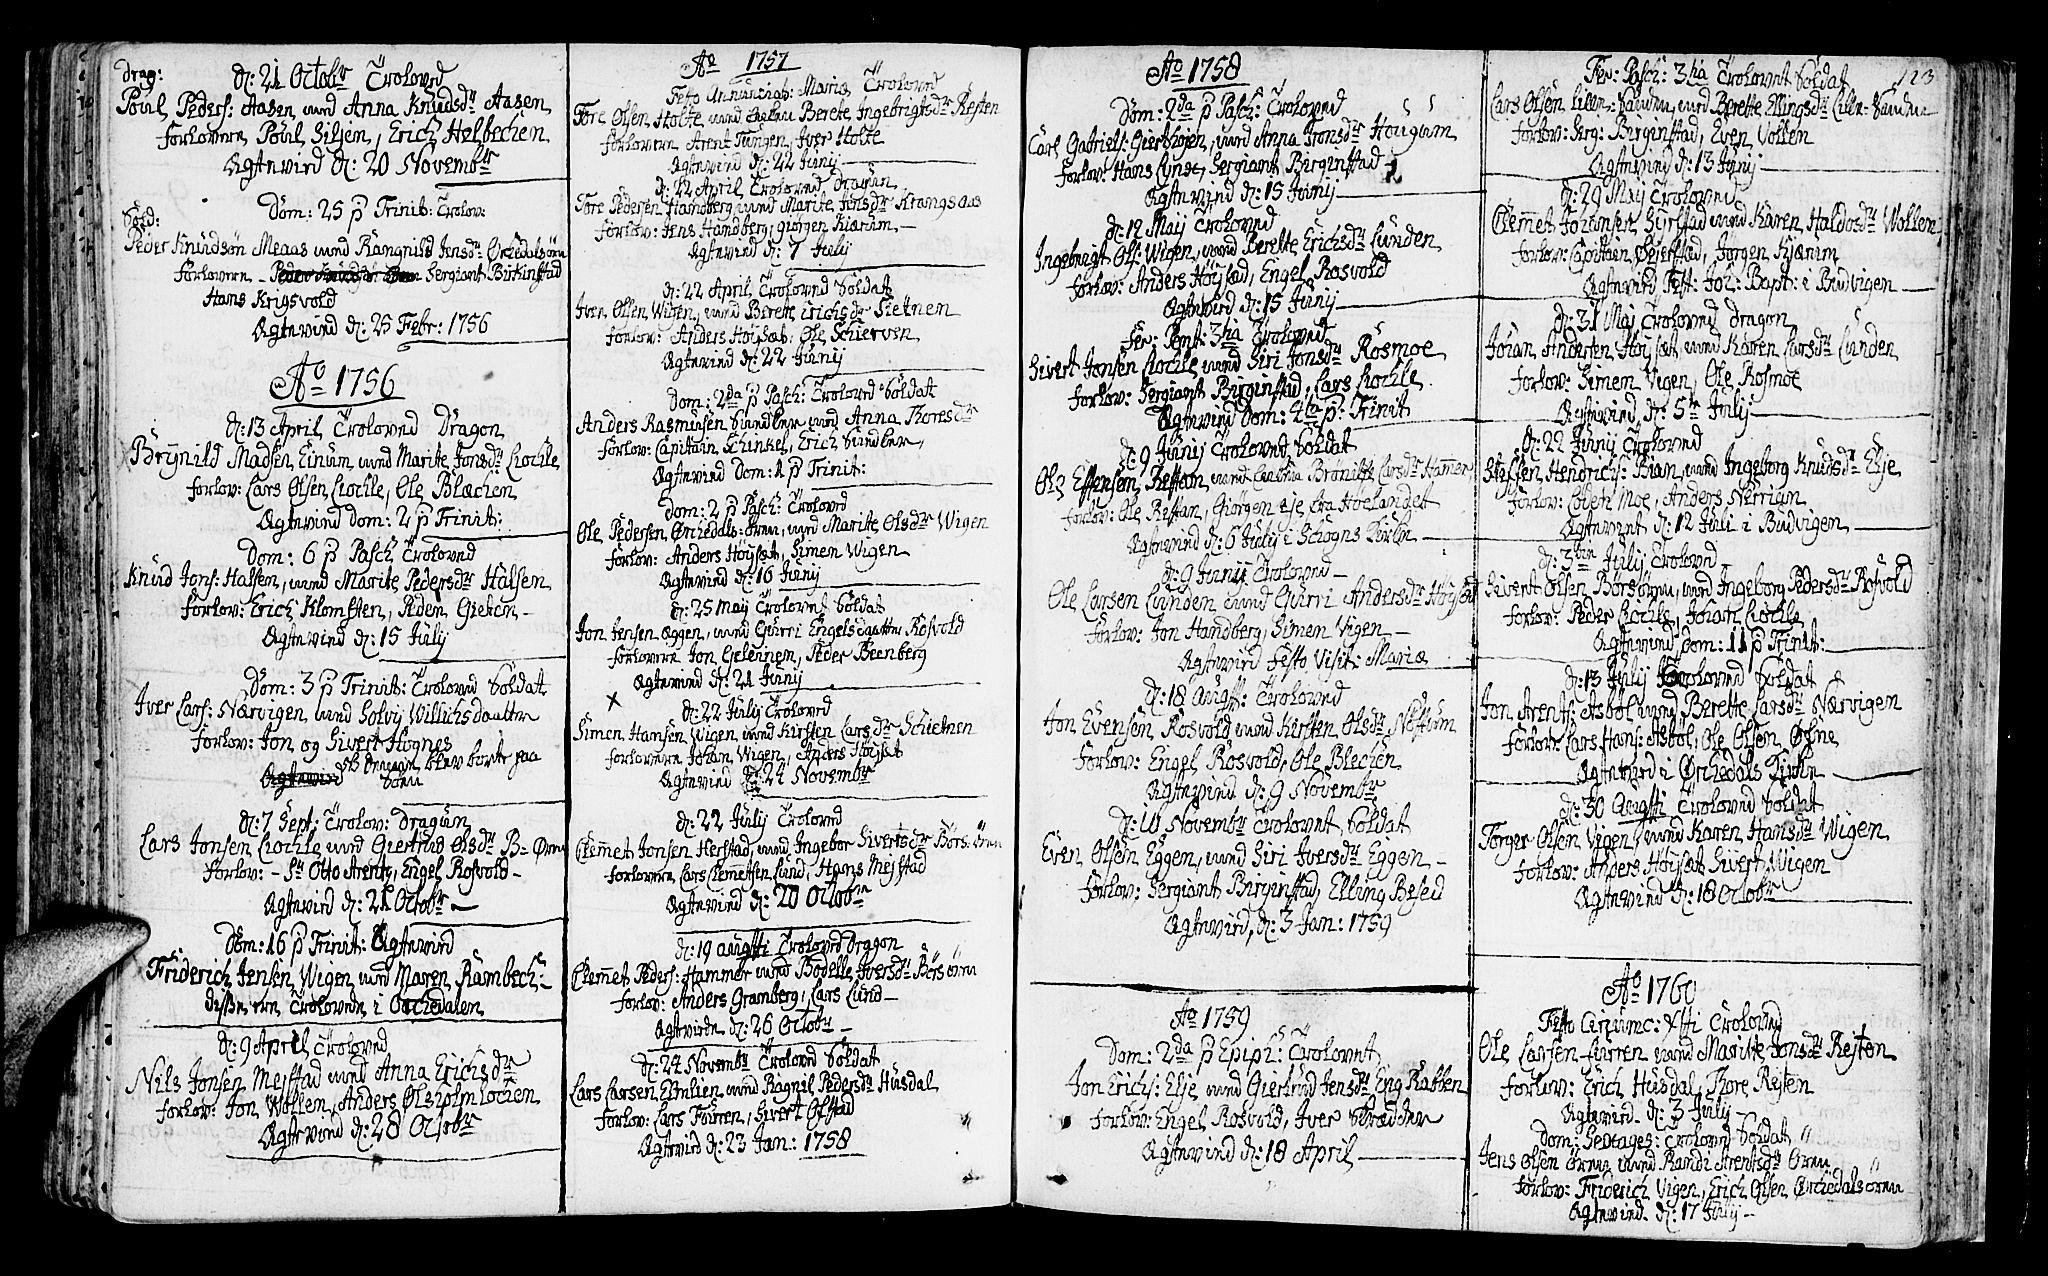 SAT, Ministerialprotokoller, klokkerbøker og fødselsregistre - Sør-Trøndelag, 665/L0768: Ministerialbok nr. 665A03, 1754-1803, s. 123